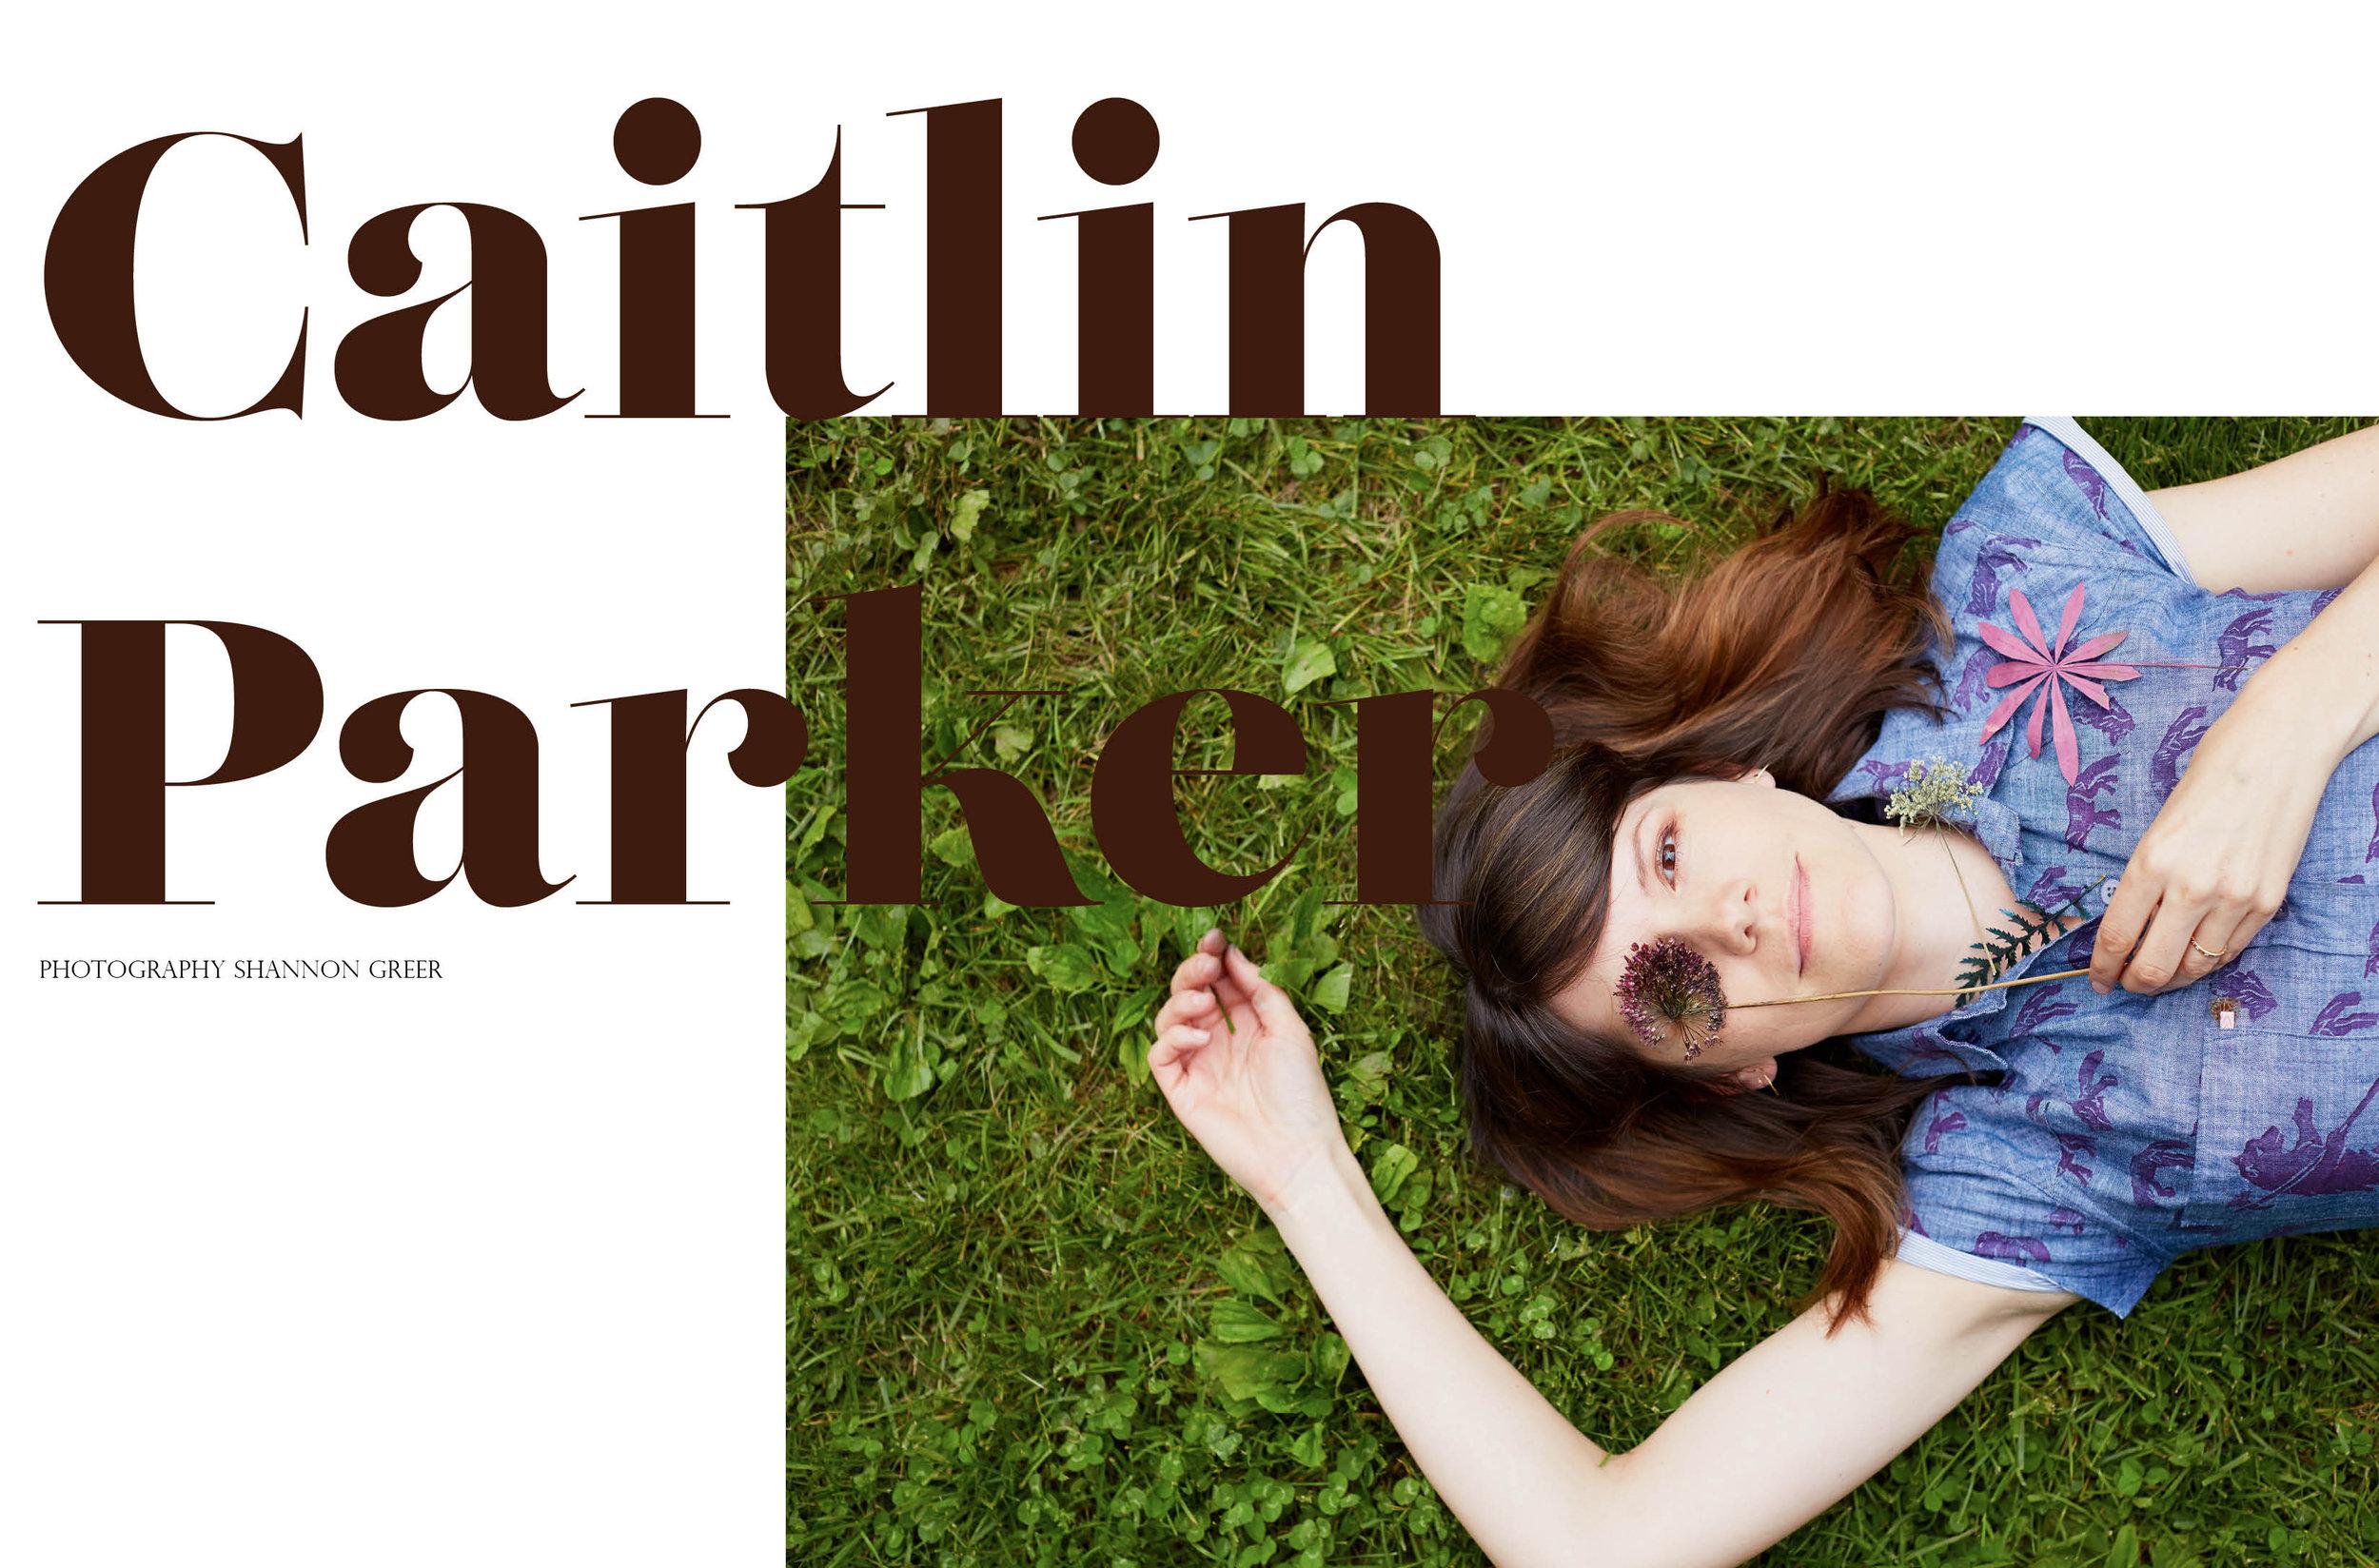 CAITLIN PARKER